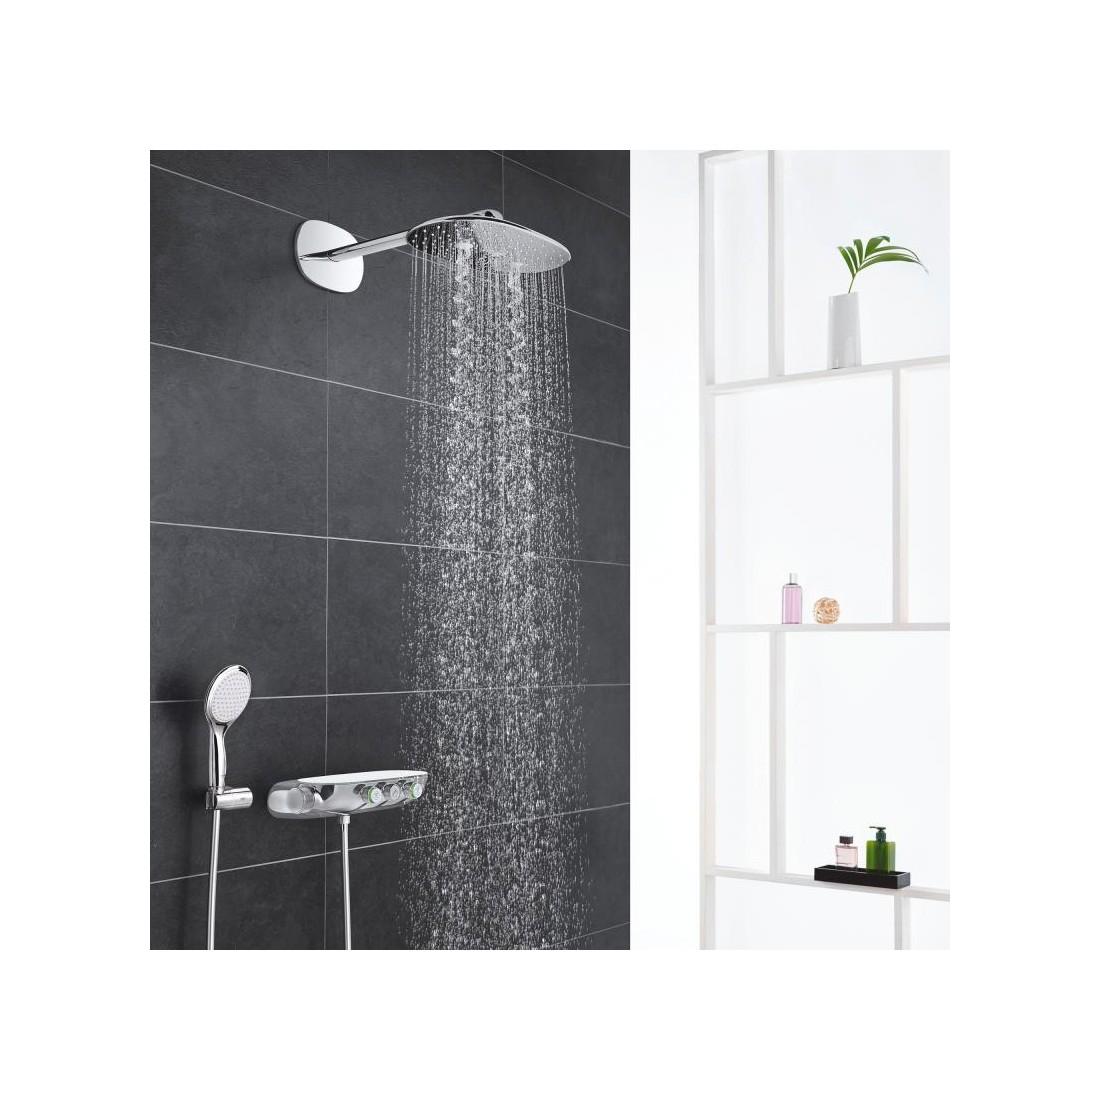 Potinkinė termostatinė dušo sistema Rainshower System SmartControl 360 DUO, chromas